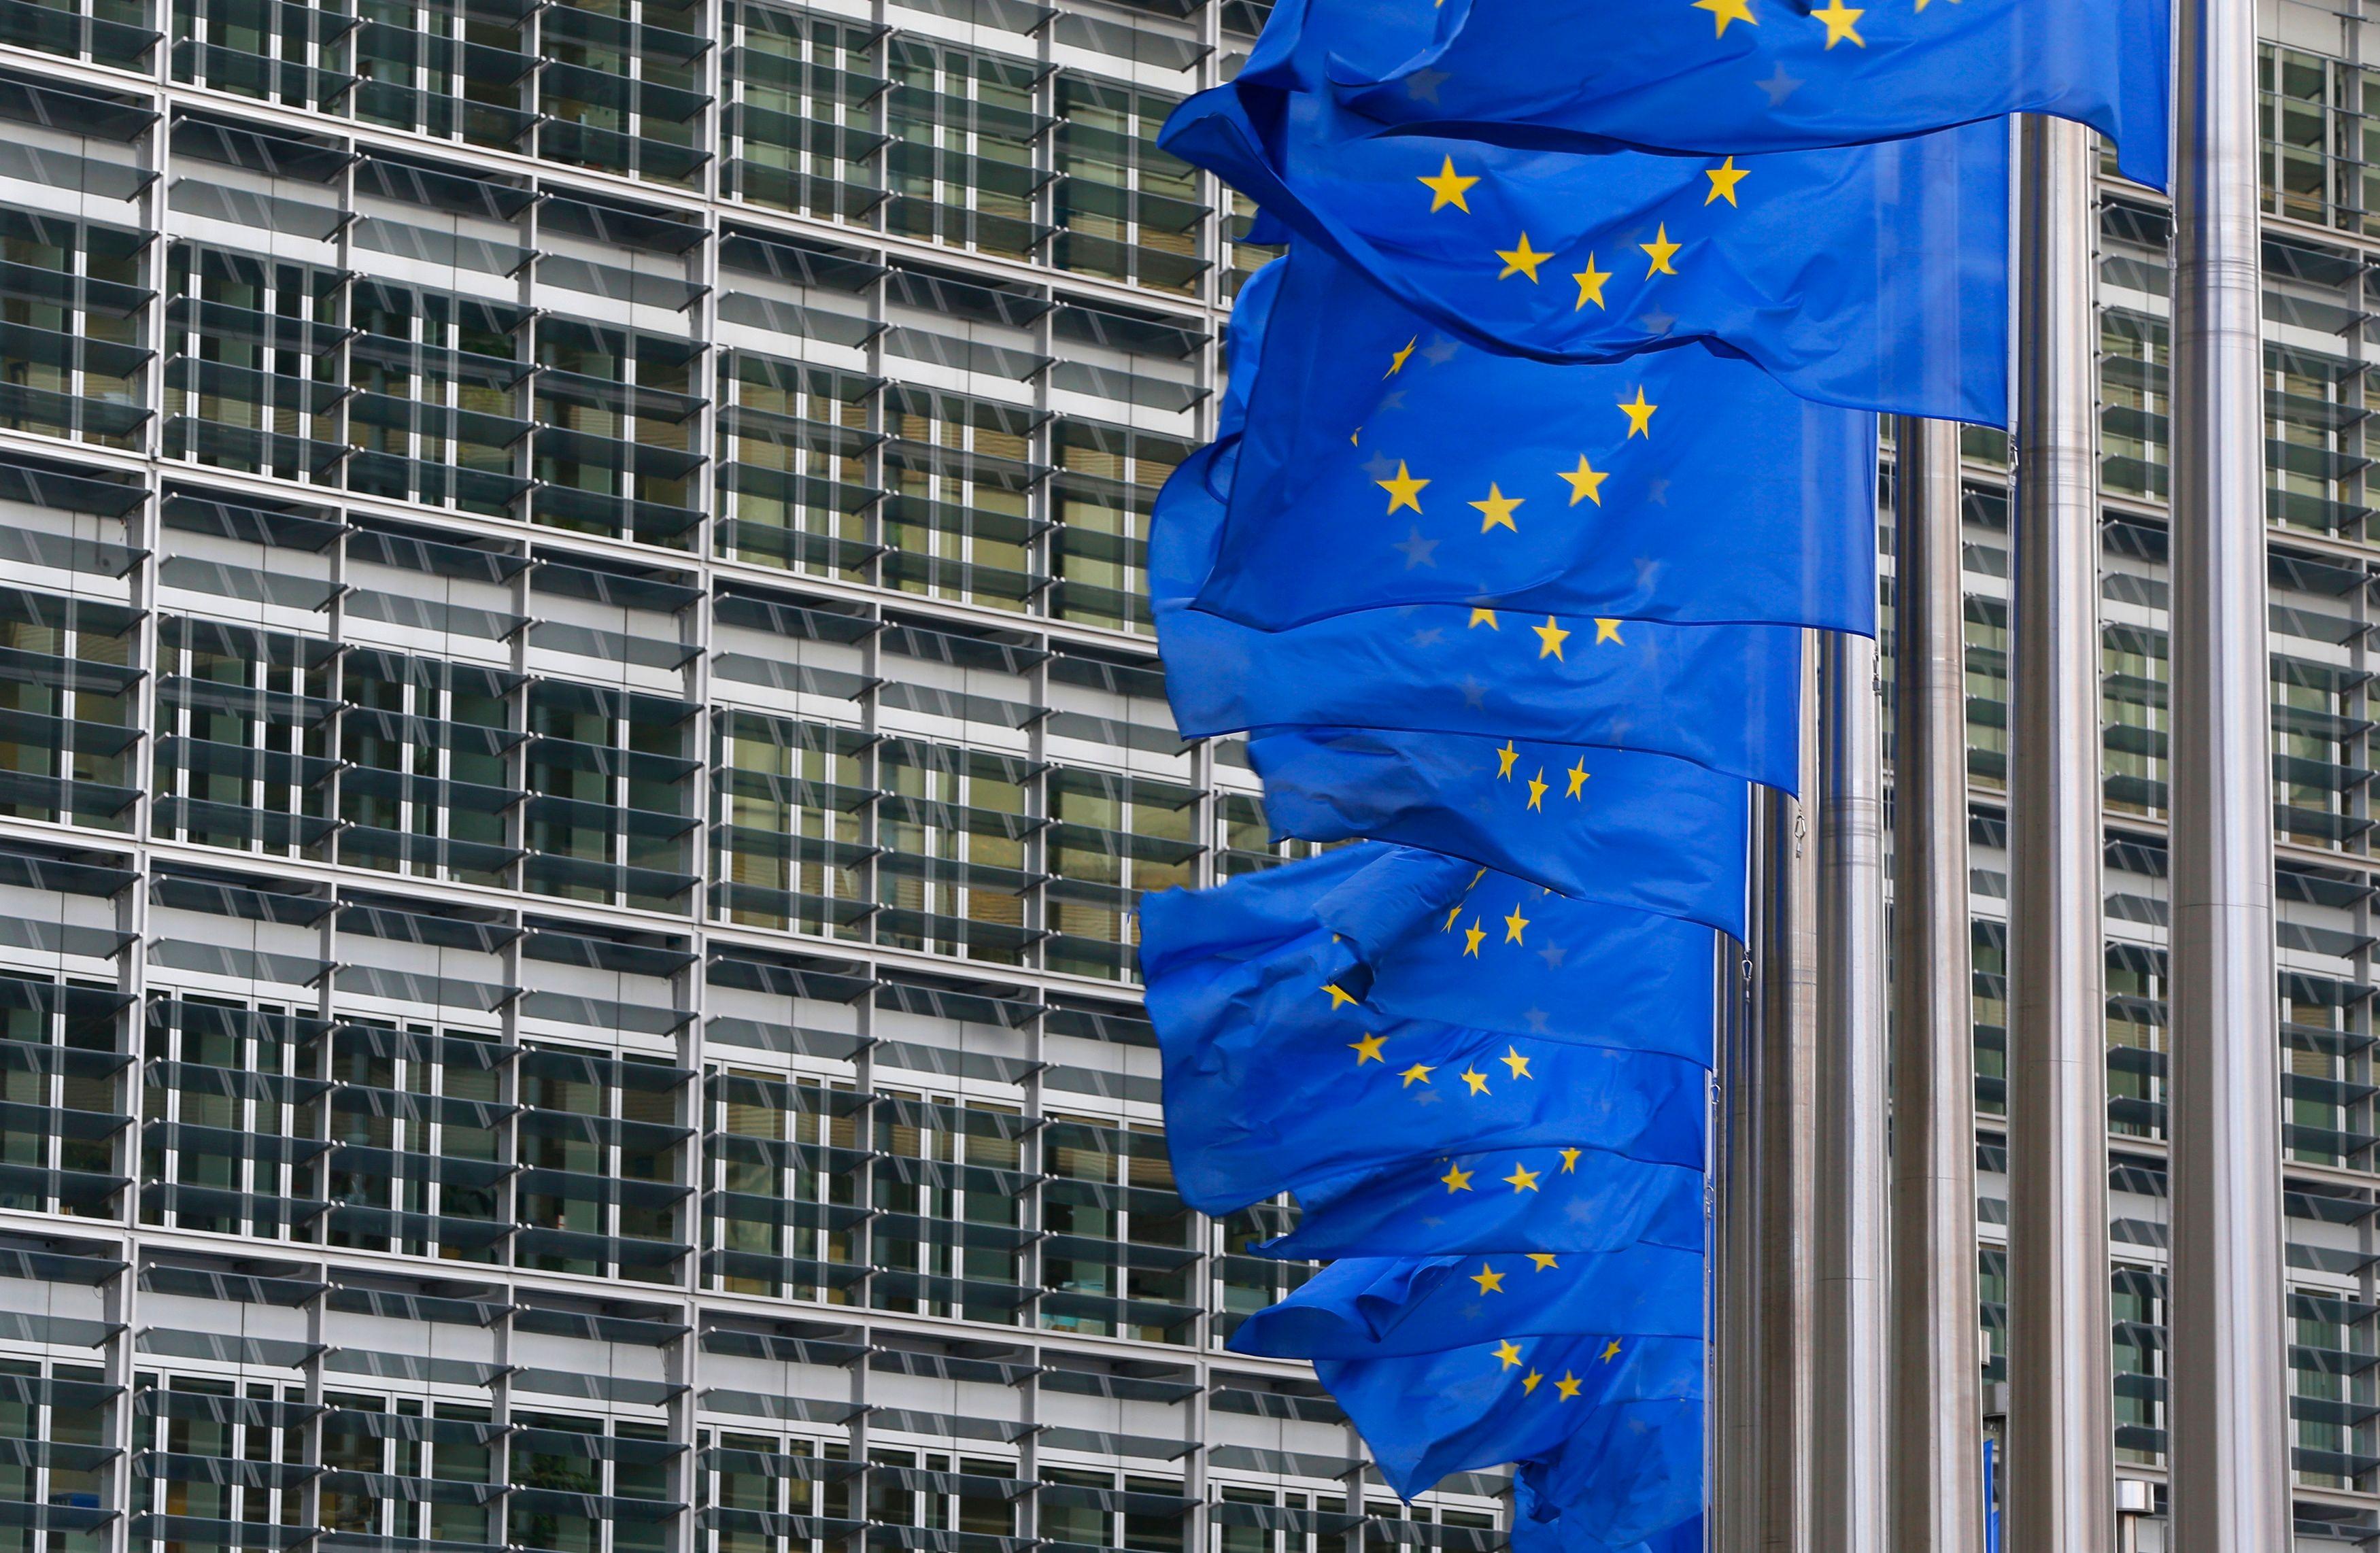 Les débats économiques européens se basent bien souvent sur des idées fausses.